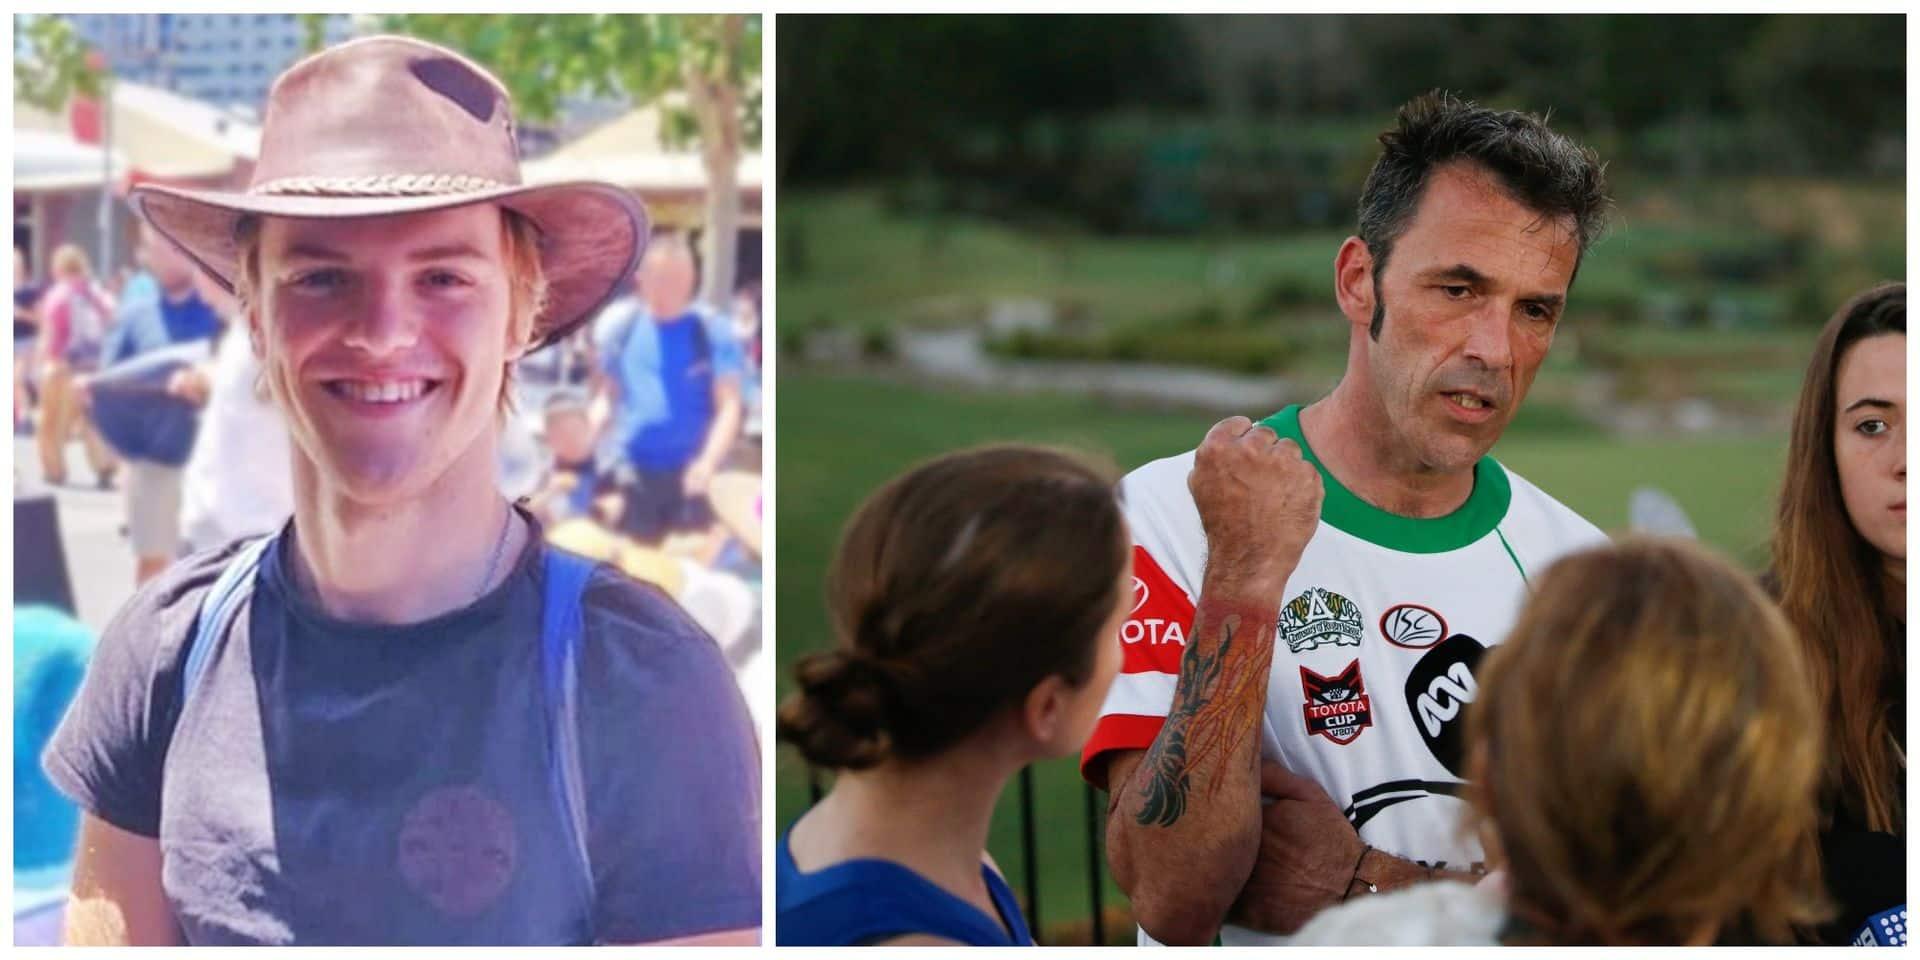 Disparition de Theo Hayez: ses parents ne baissent pas les bras